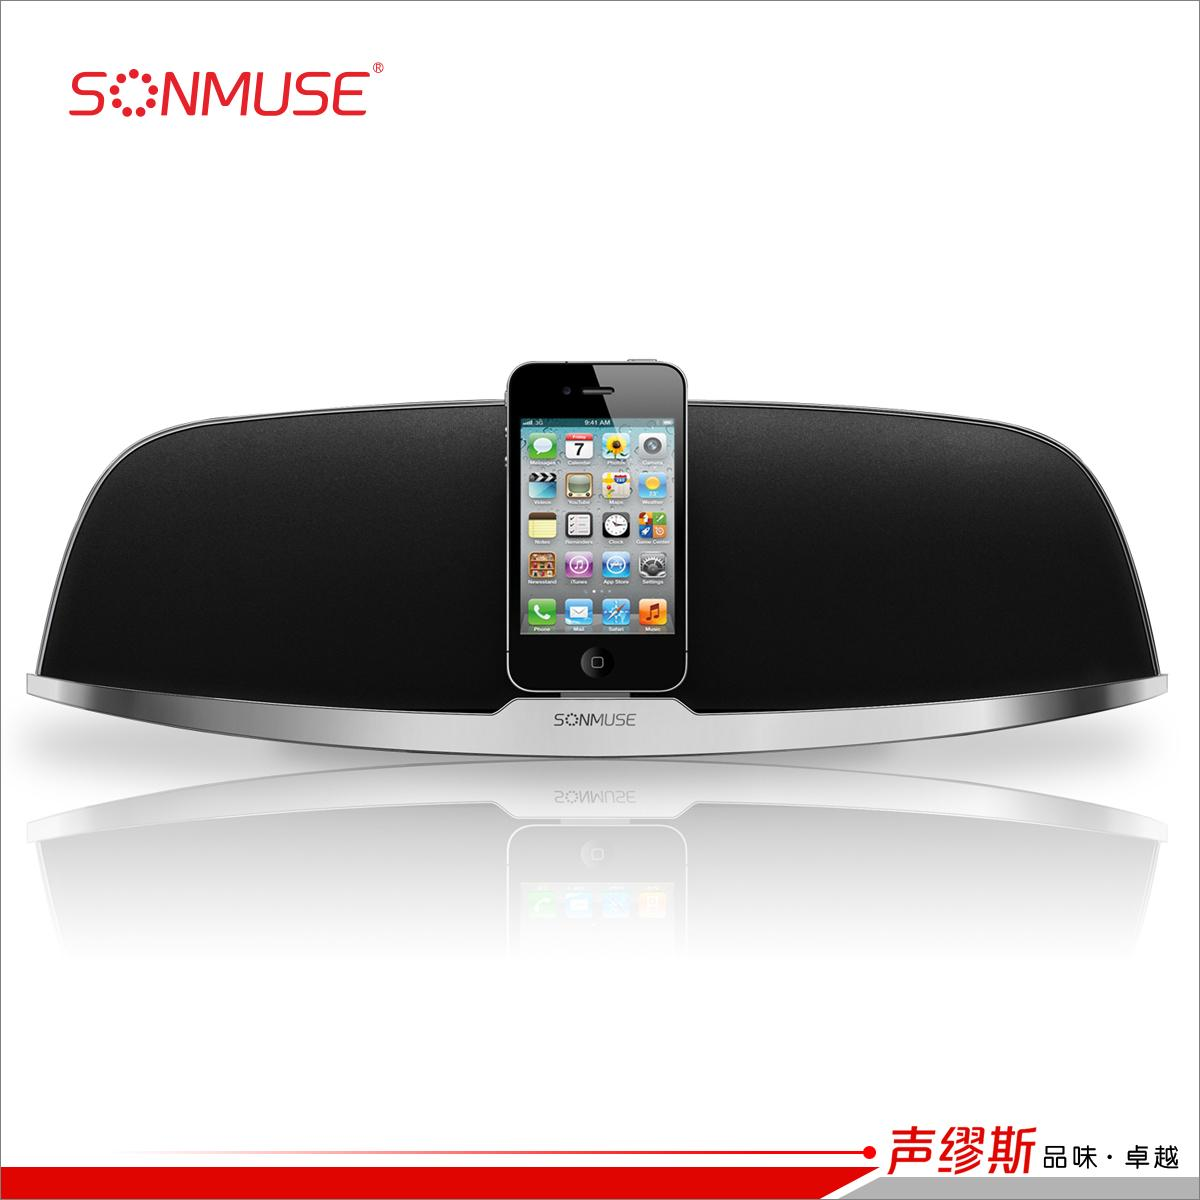 Apple портативная колонка Sonmuse  D6 Iphone Ipod Apple apple портативная колонка wei nilai ipod iphone4s